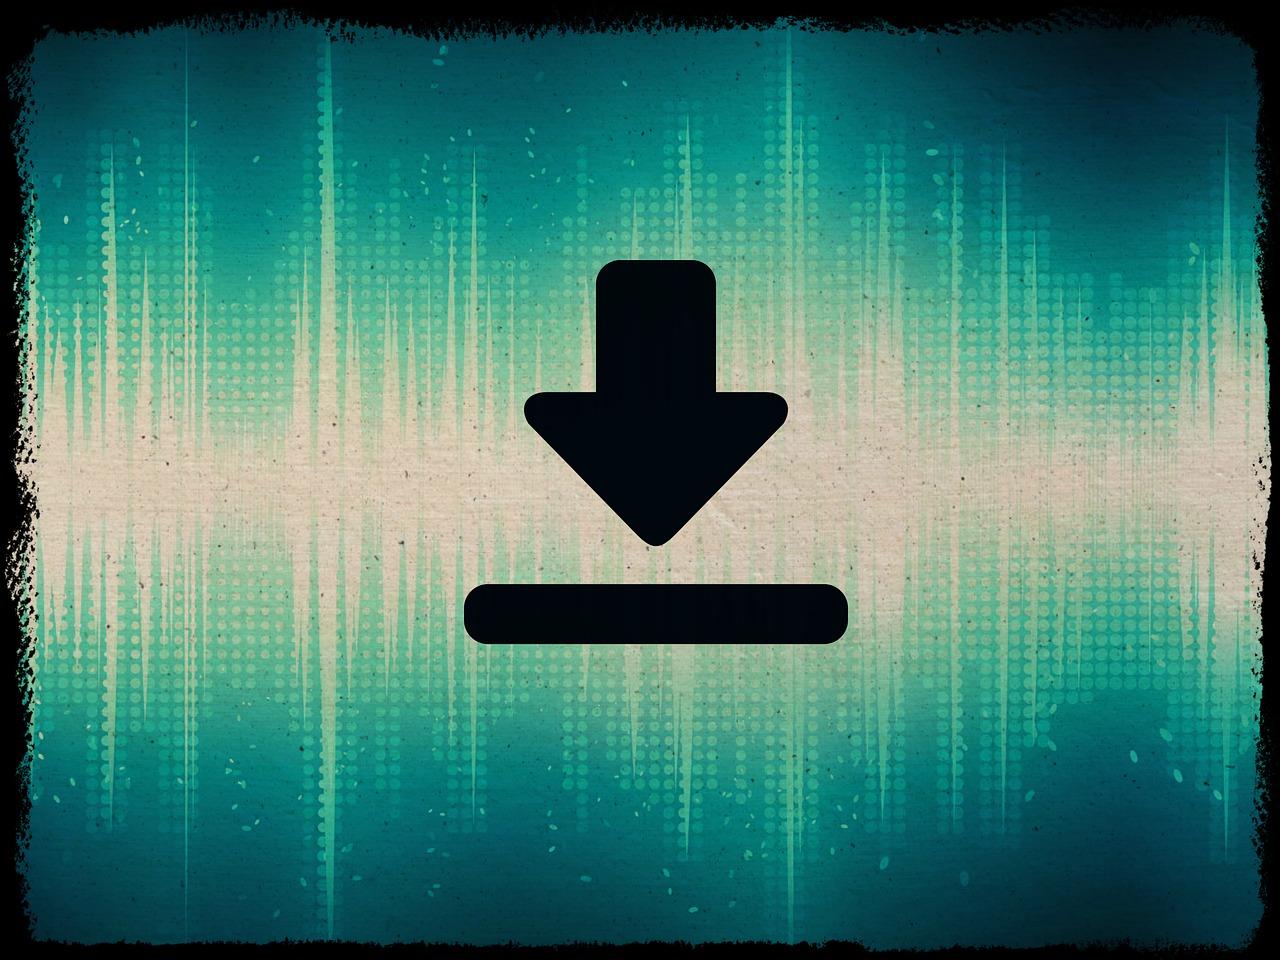 A BitTorrent kitalálója saját kriptopénz vállalkozásba kezd